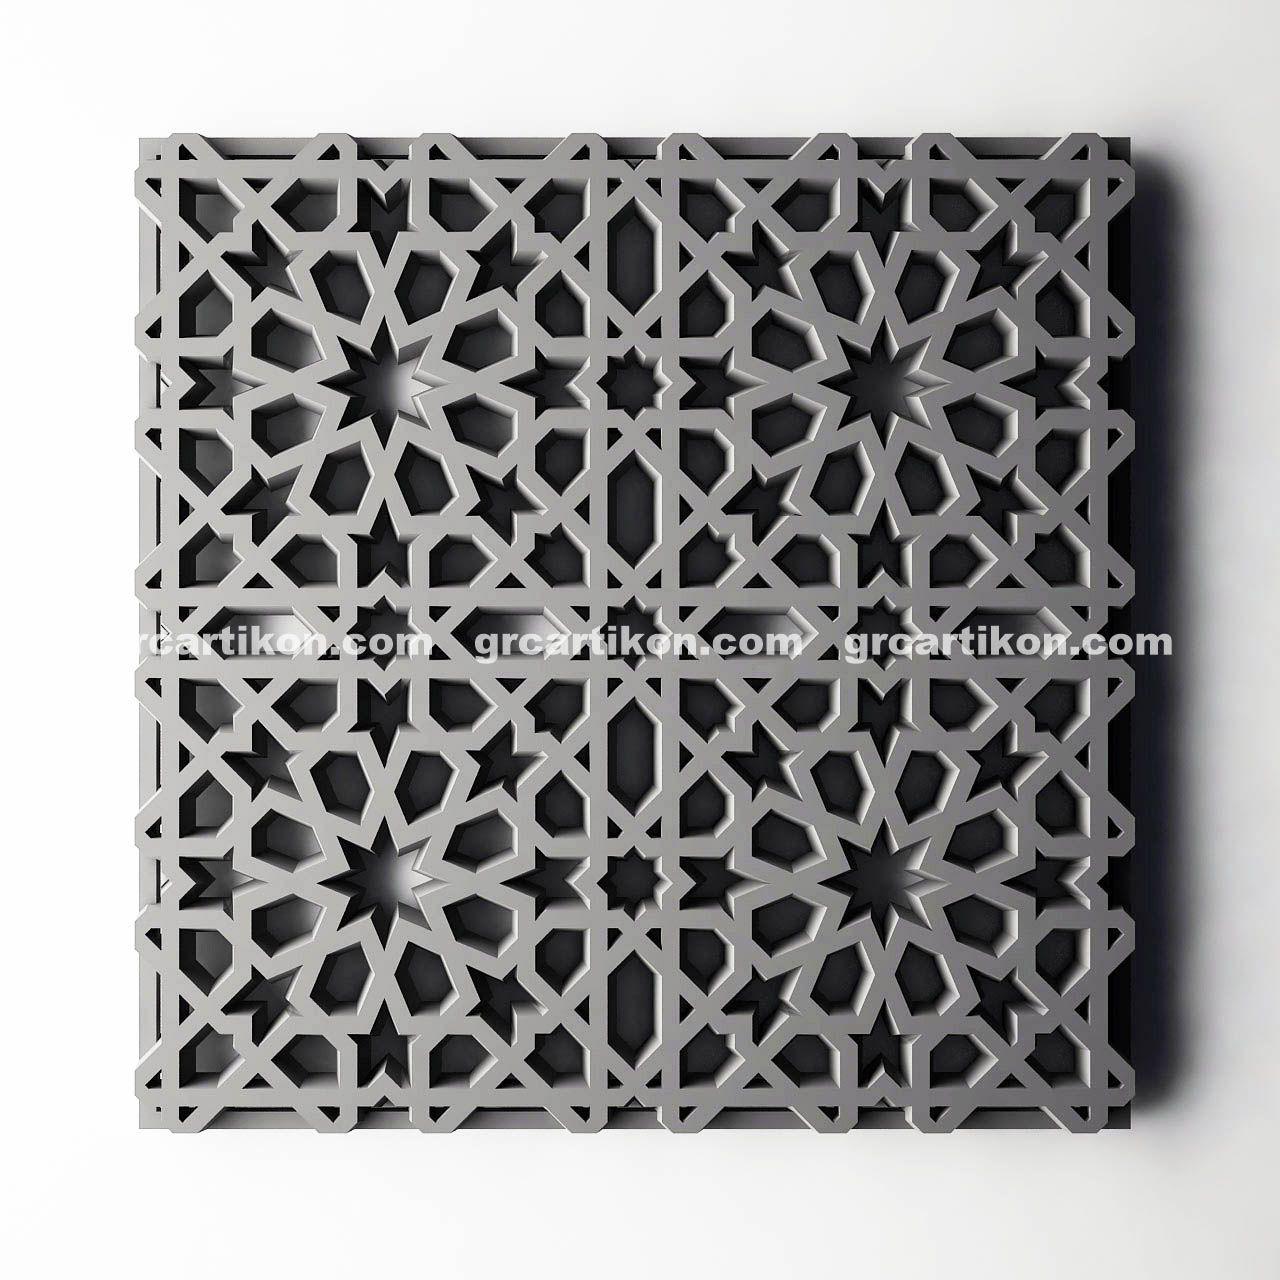 Pin von GRC artiKON auf Motif GRC Krawangan (intricated decorative ...